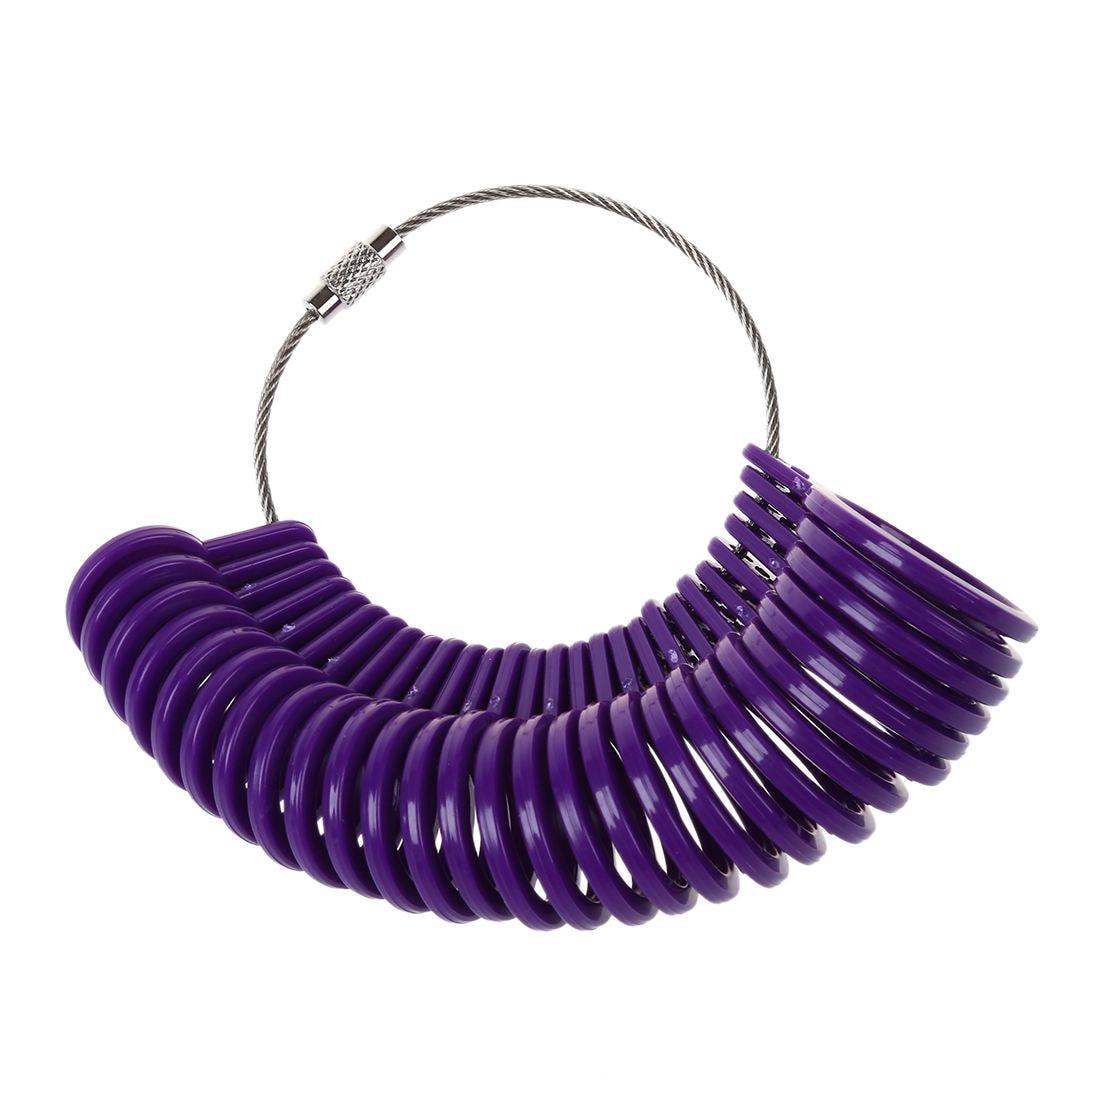 US Plastic Finger Measure Meter Ring Mass 3-13 Set Purple Jewelry toolsUS Plastic Finger Measure Meter Ring Mass 3-13 Set Purple Jewelry tools